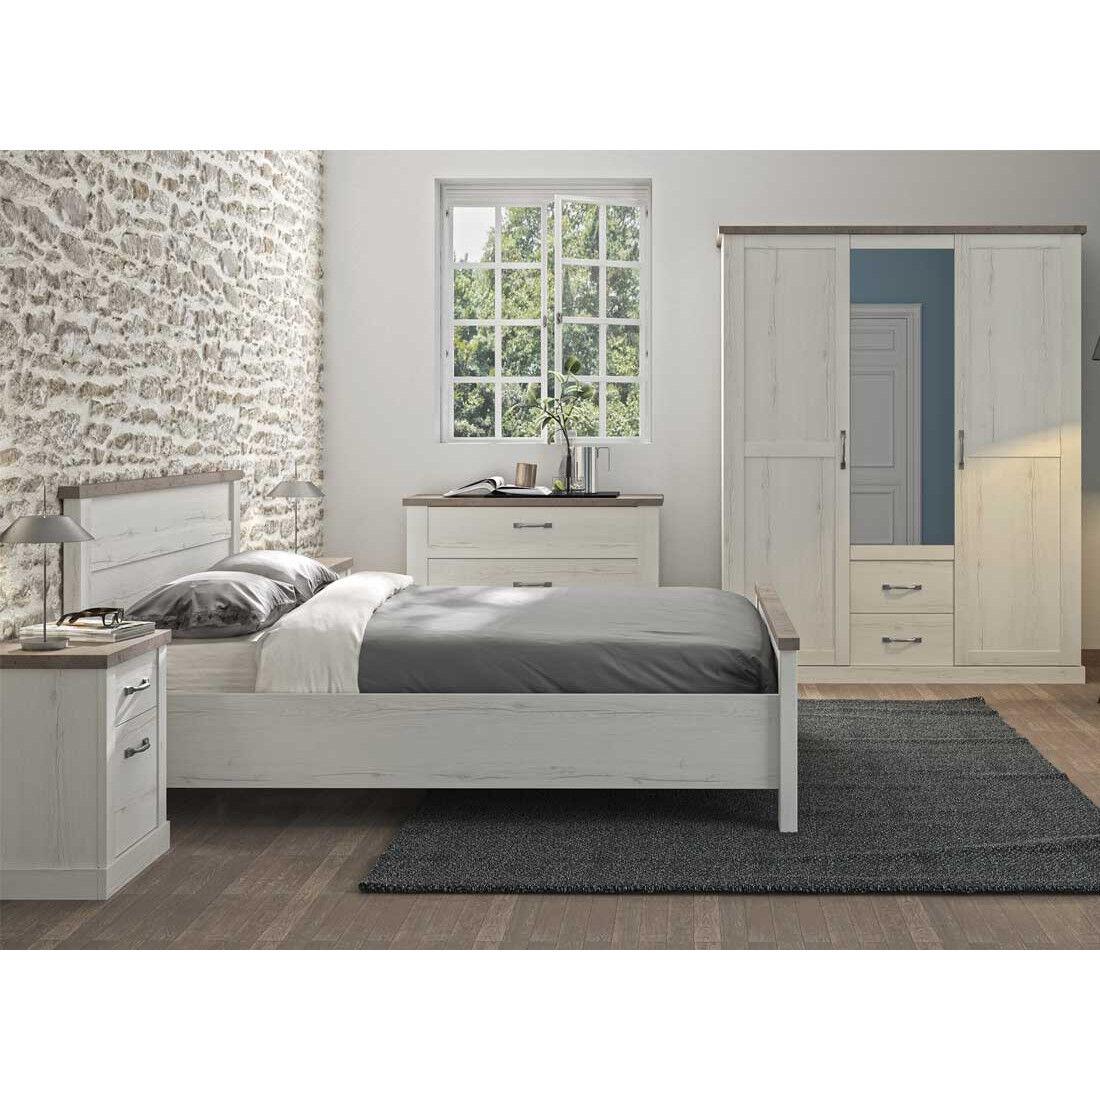 Tousmesmeubles Chambre Adulte Complète (180*200) Chêne blanchi/Béton - PERLE - L 196 x l 211 x H 100